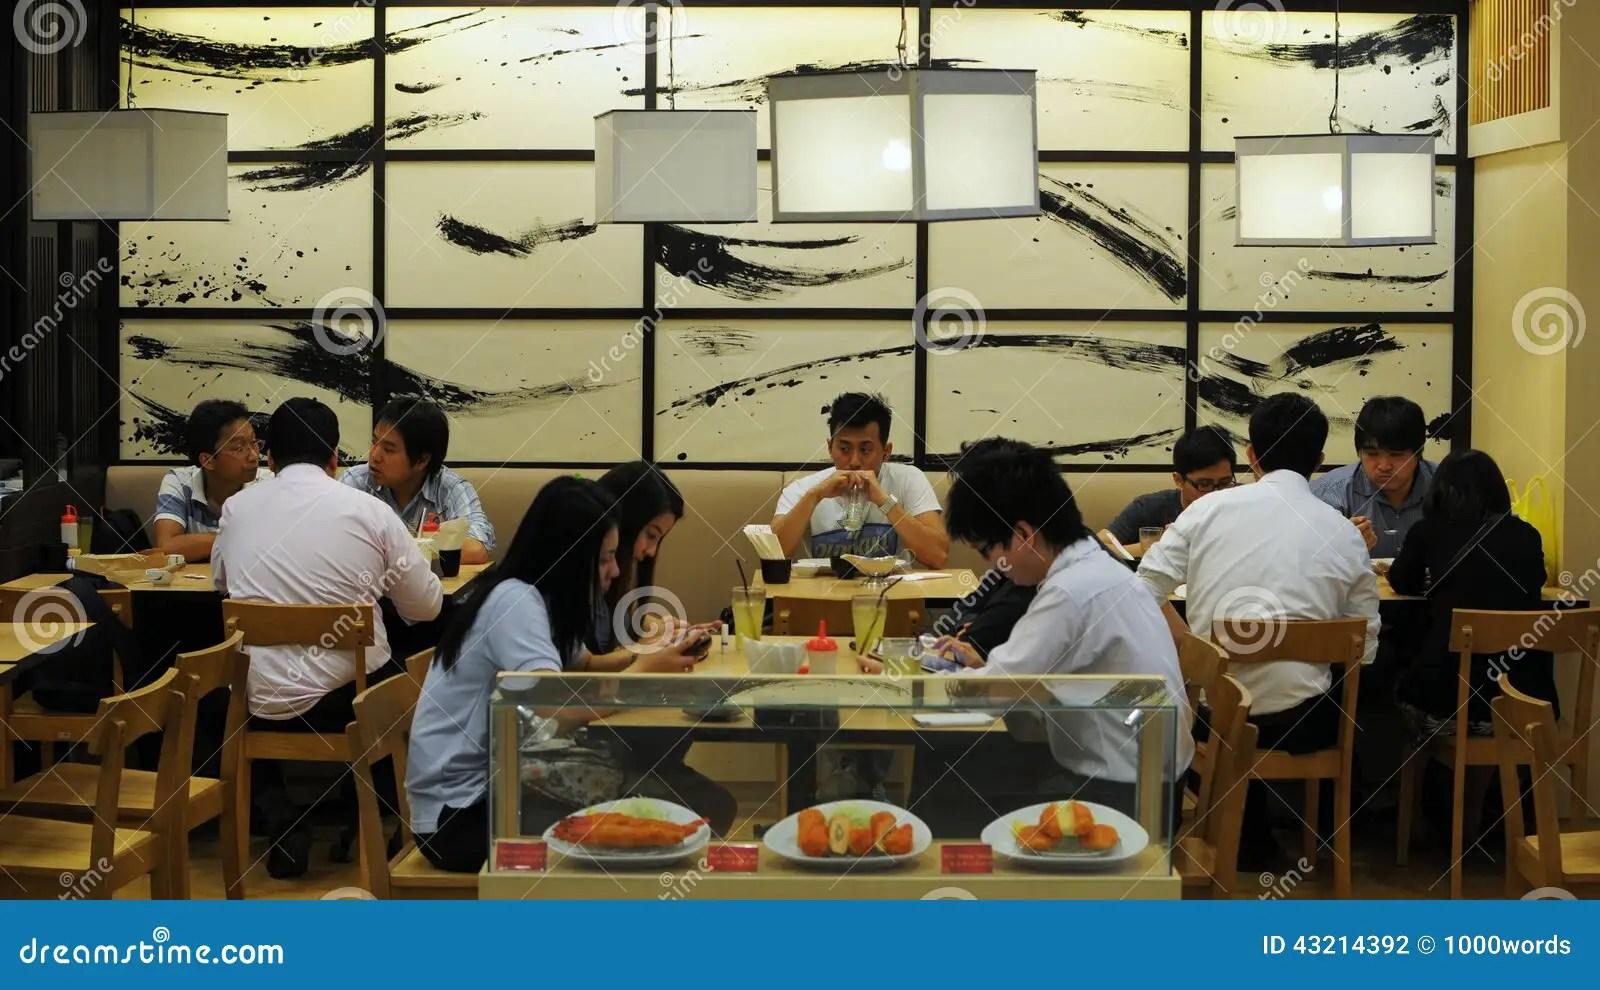 Sushi Restaurants 6 October